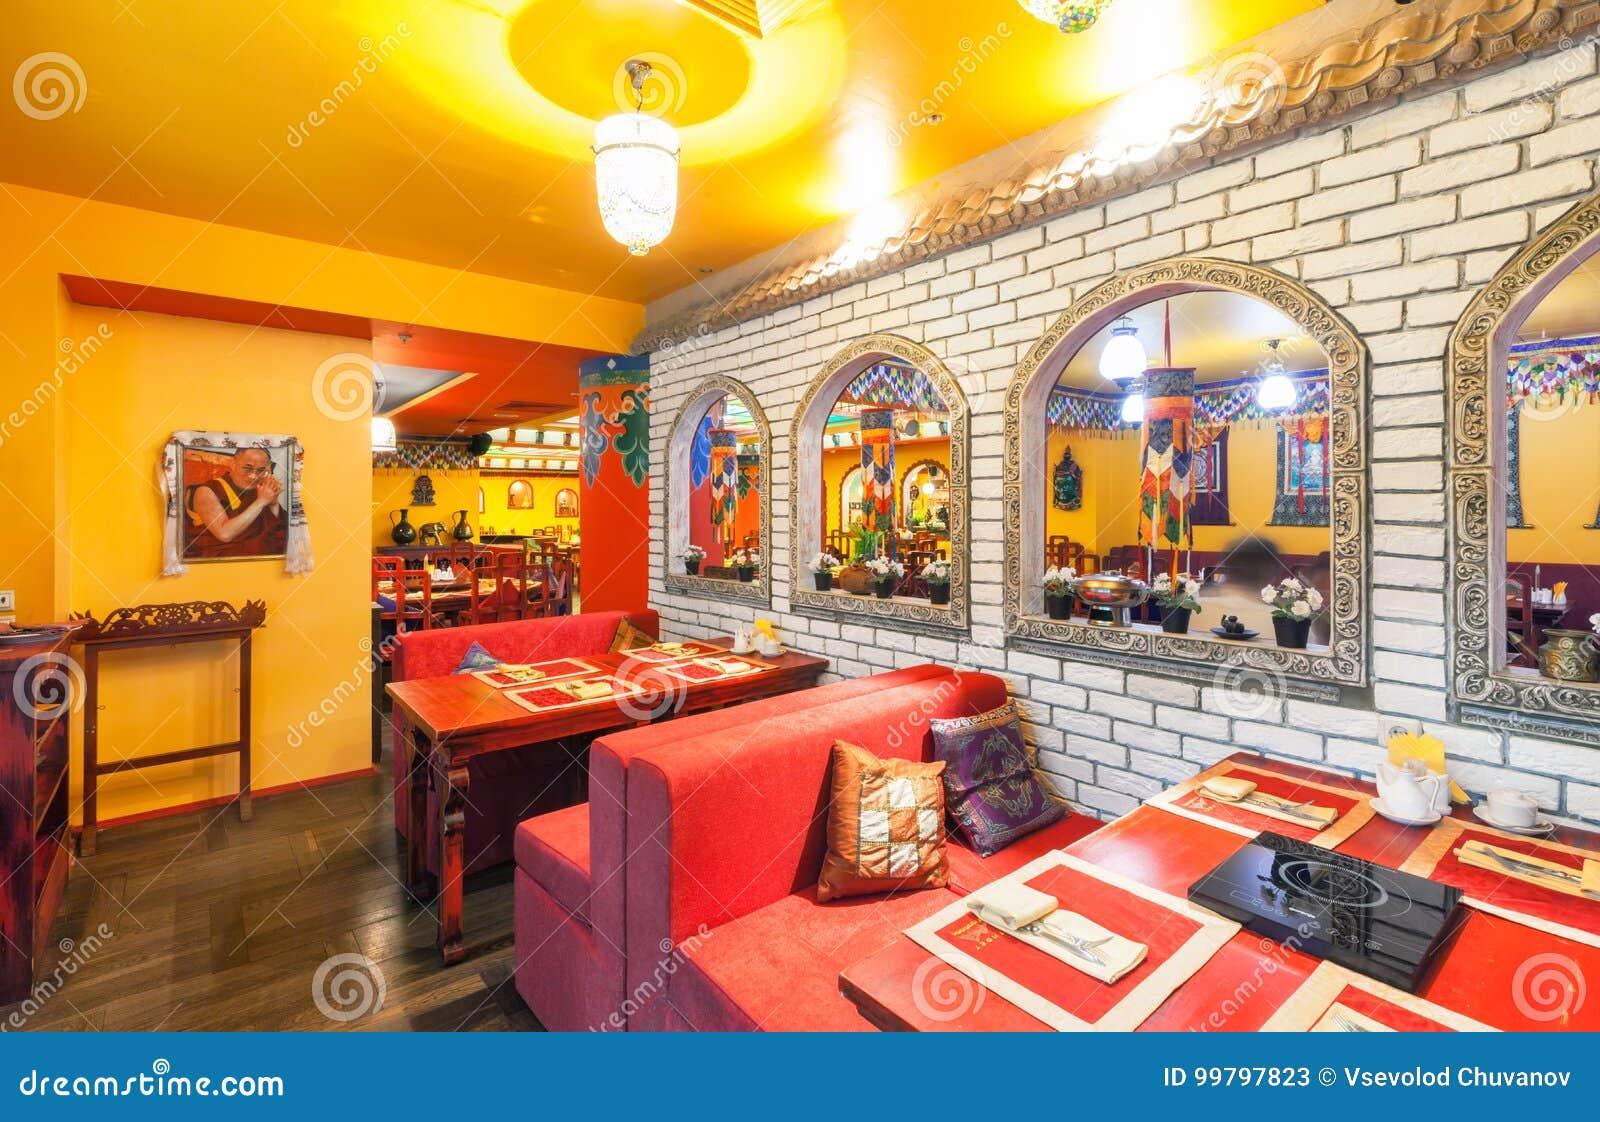 MOSCA - AGOSTO 2014: L\'interno Della Cucina Indiana E ...